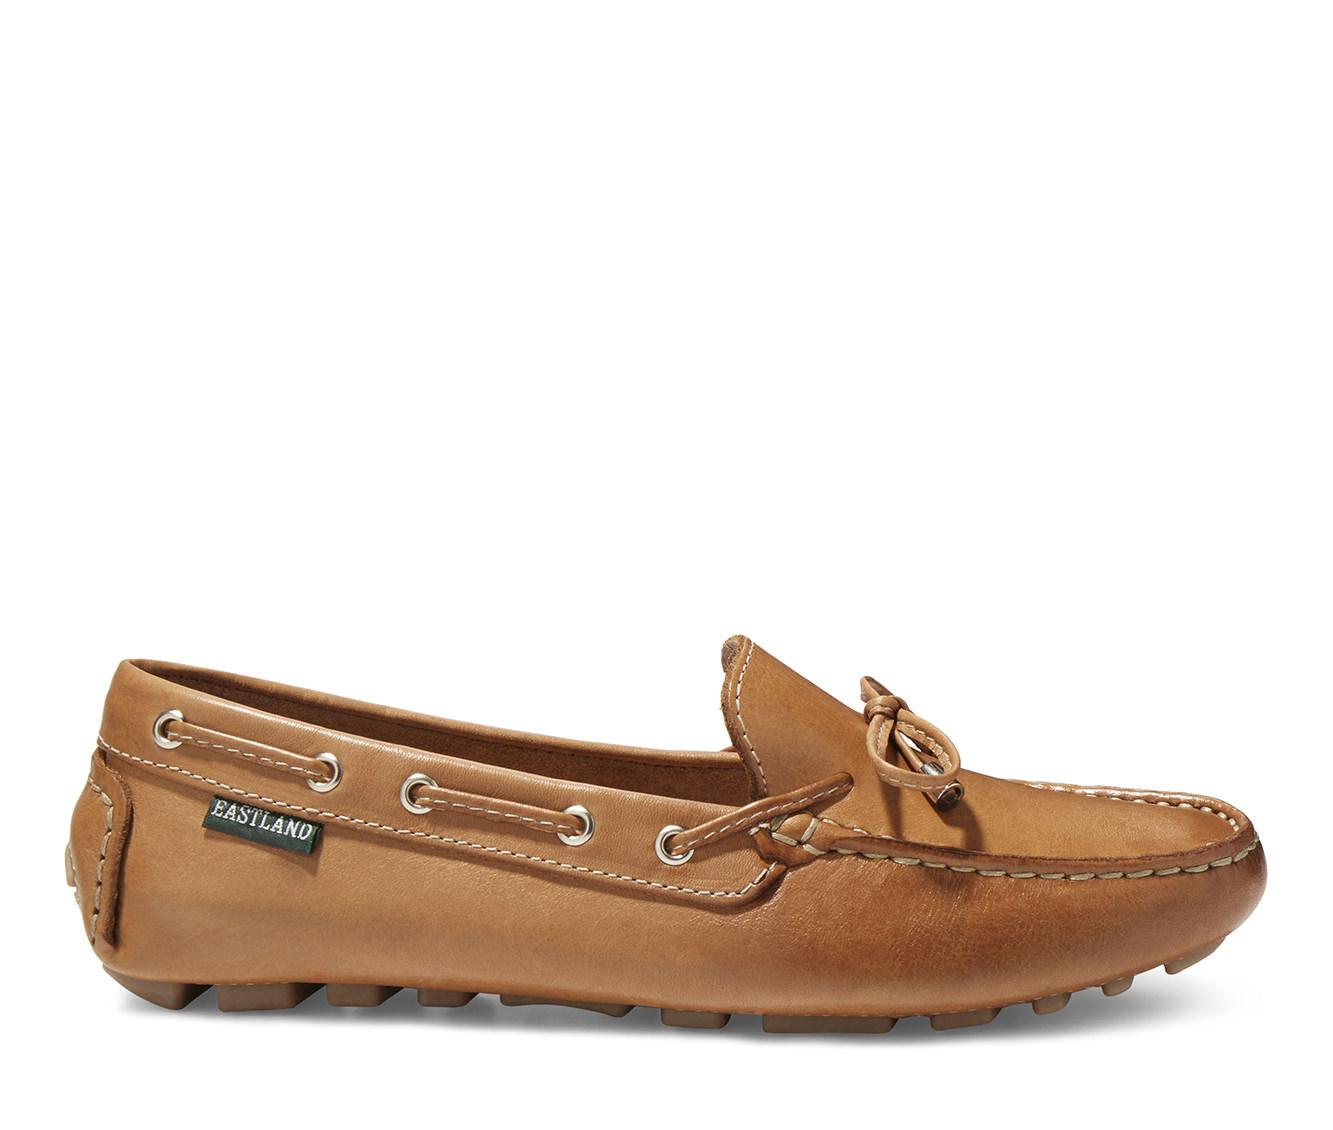 Eastland Marcella Women's Shoe (Beige Leather)